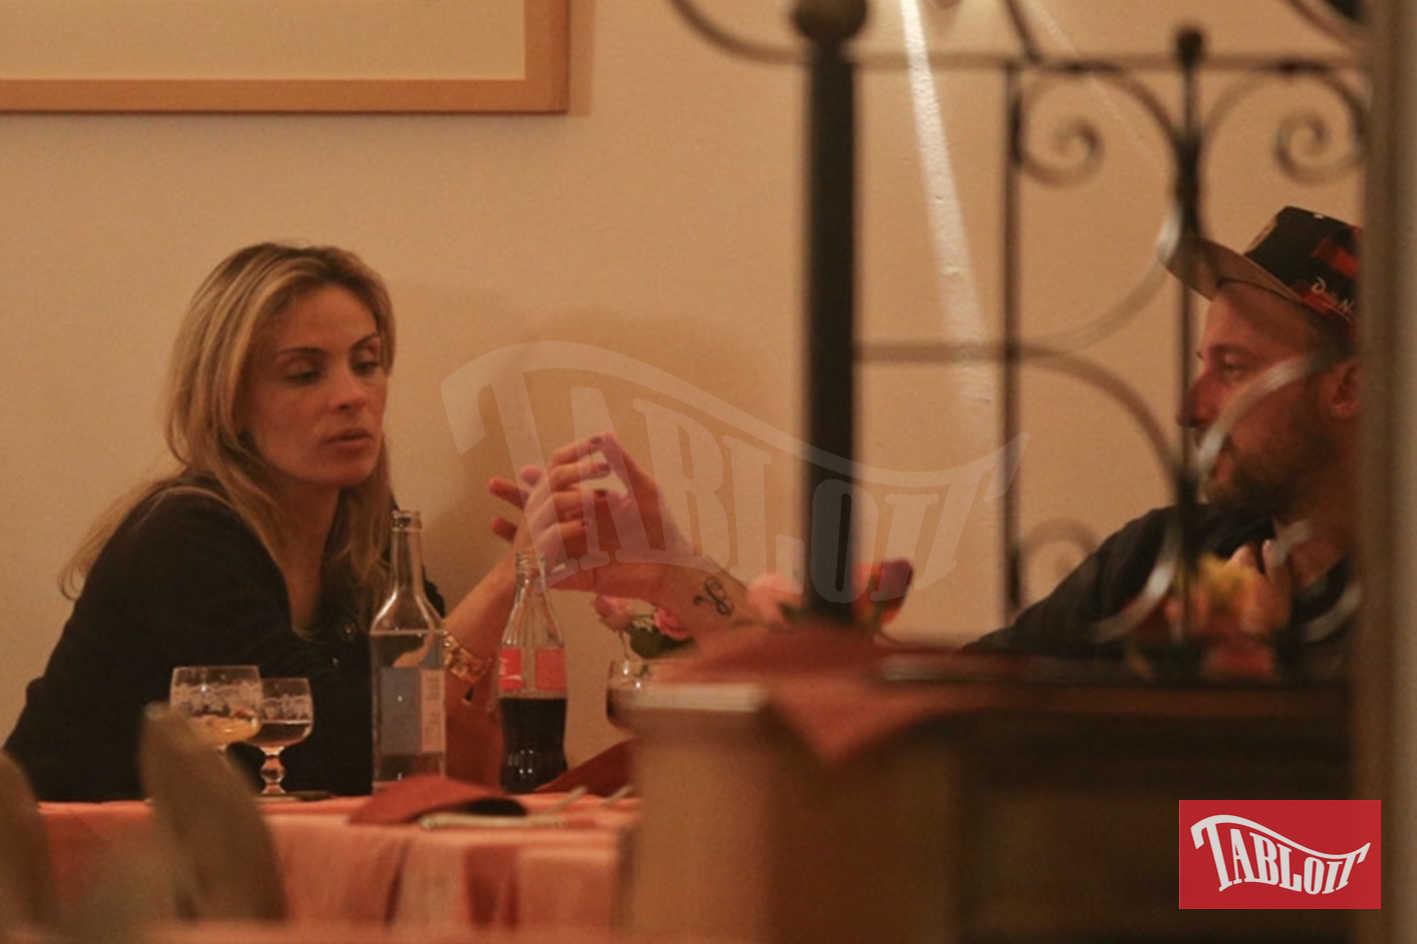 Wilma e Francesco si sono sposati l'11 dicembre 2014 con rito civile a Mariano Comense